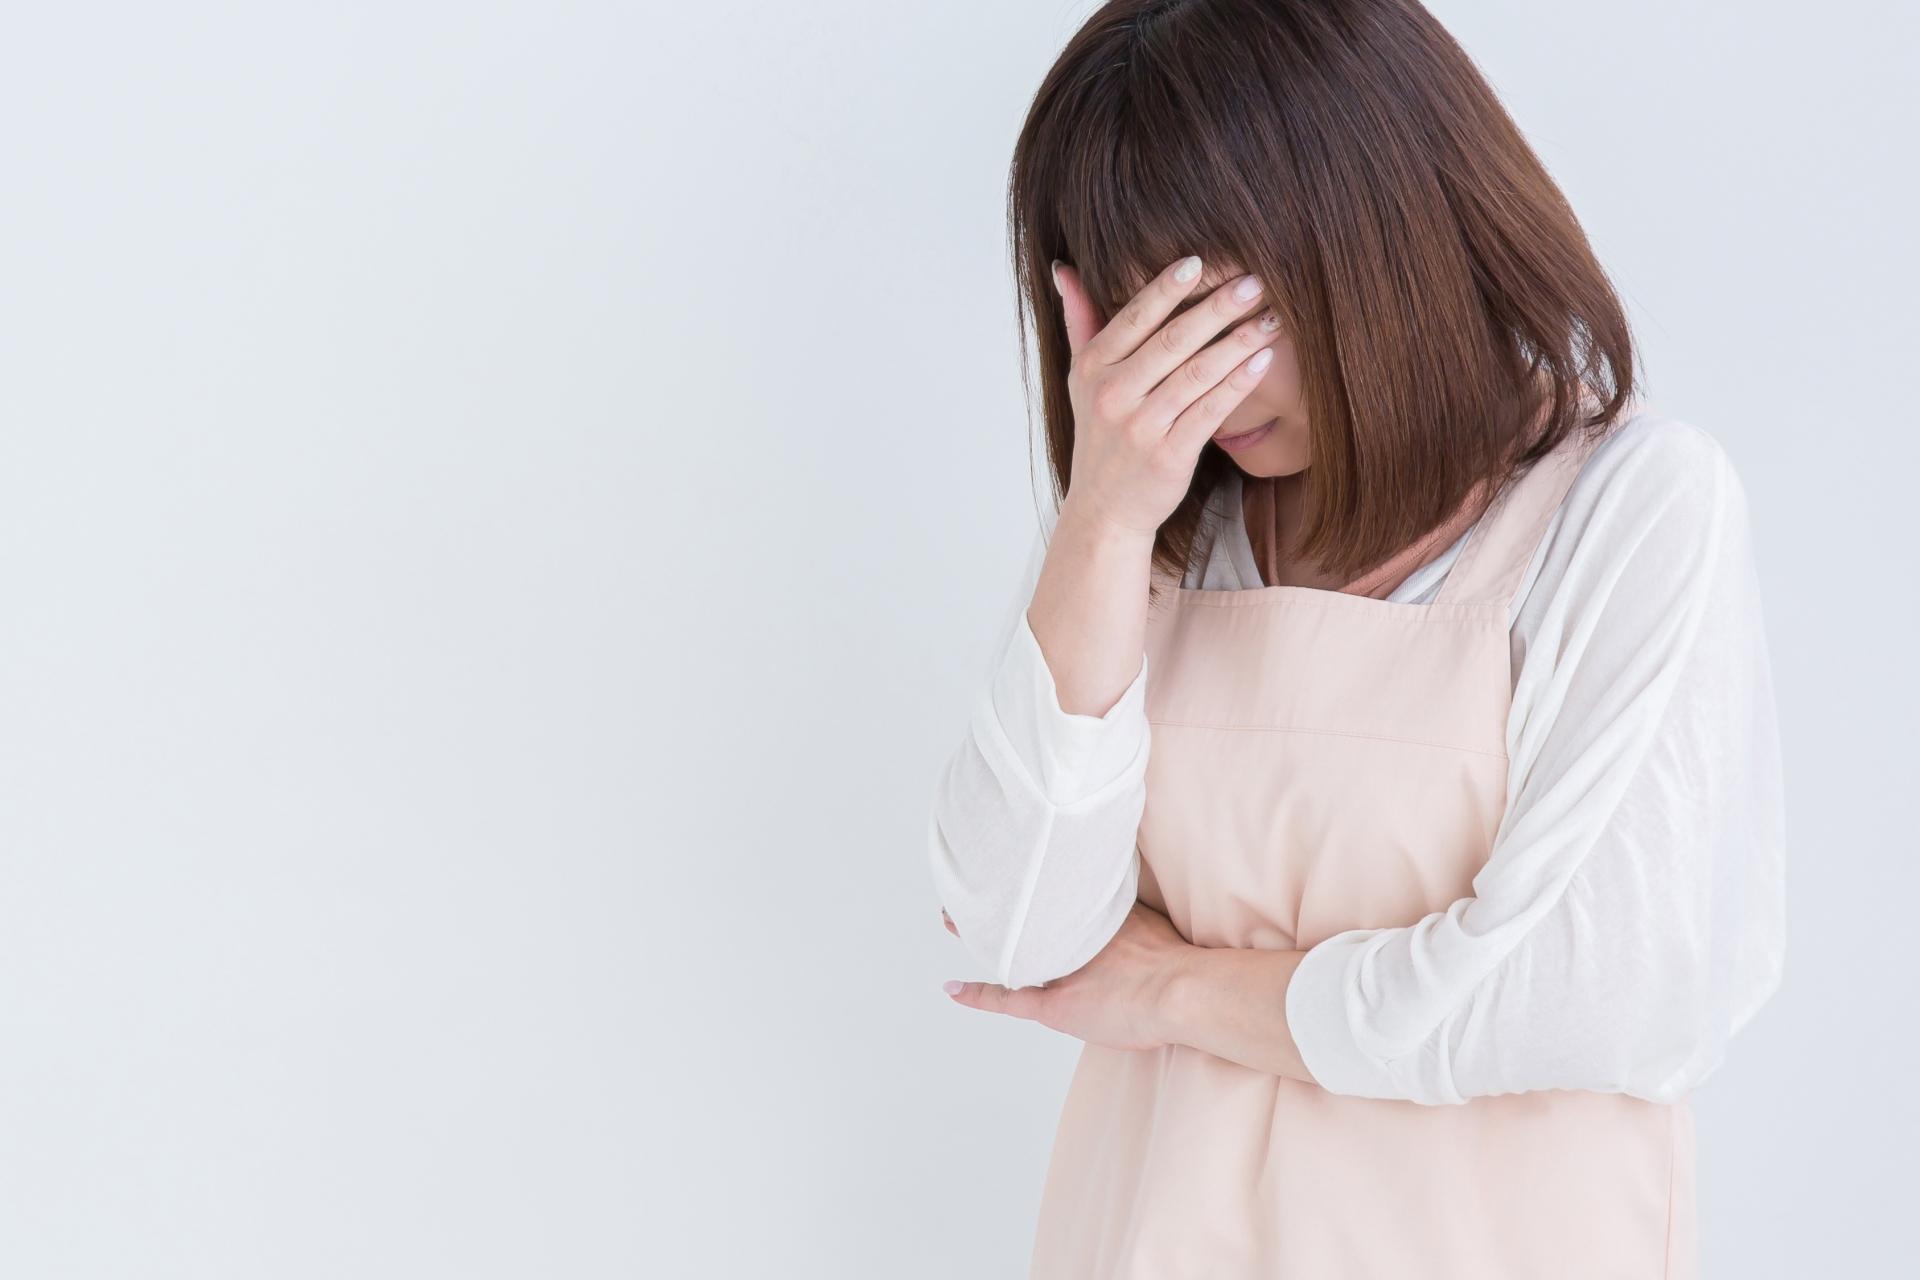 失敗を嘆く女性